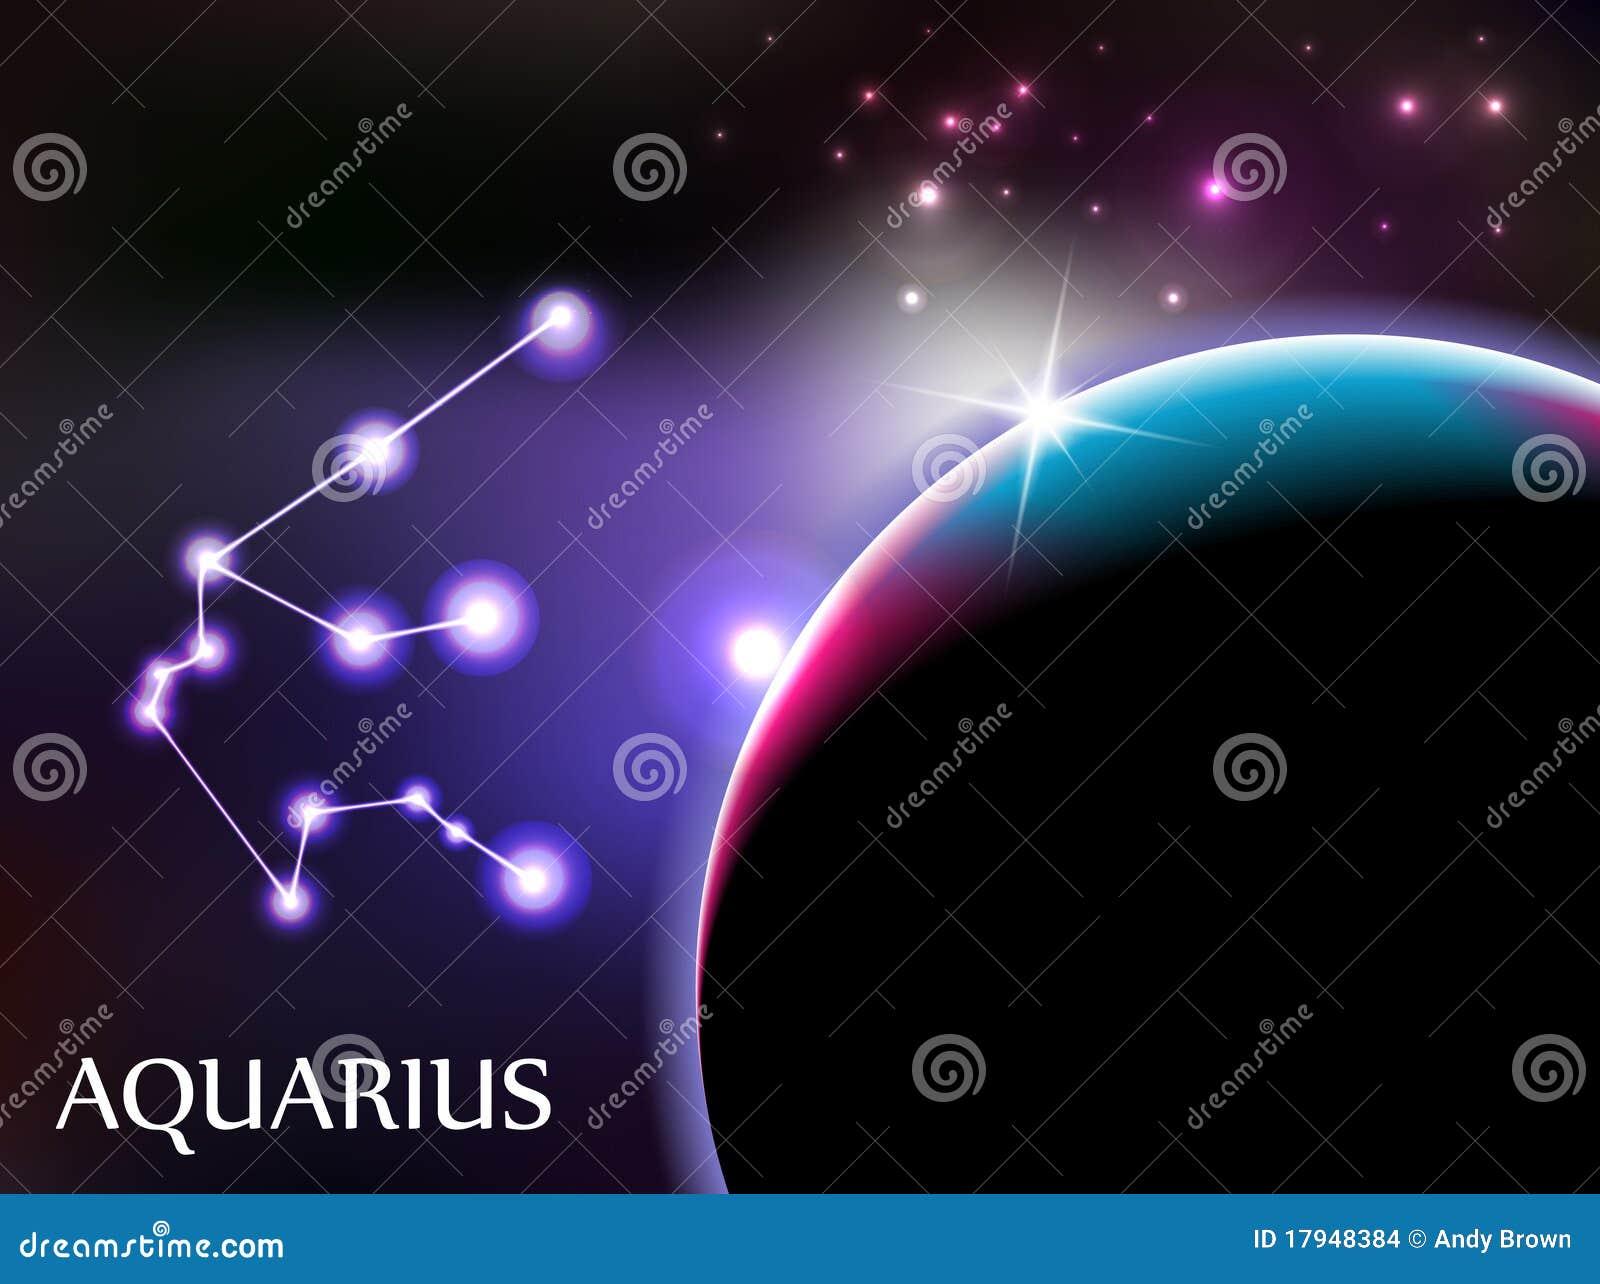 aquarius spacecraft - photo #30